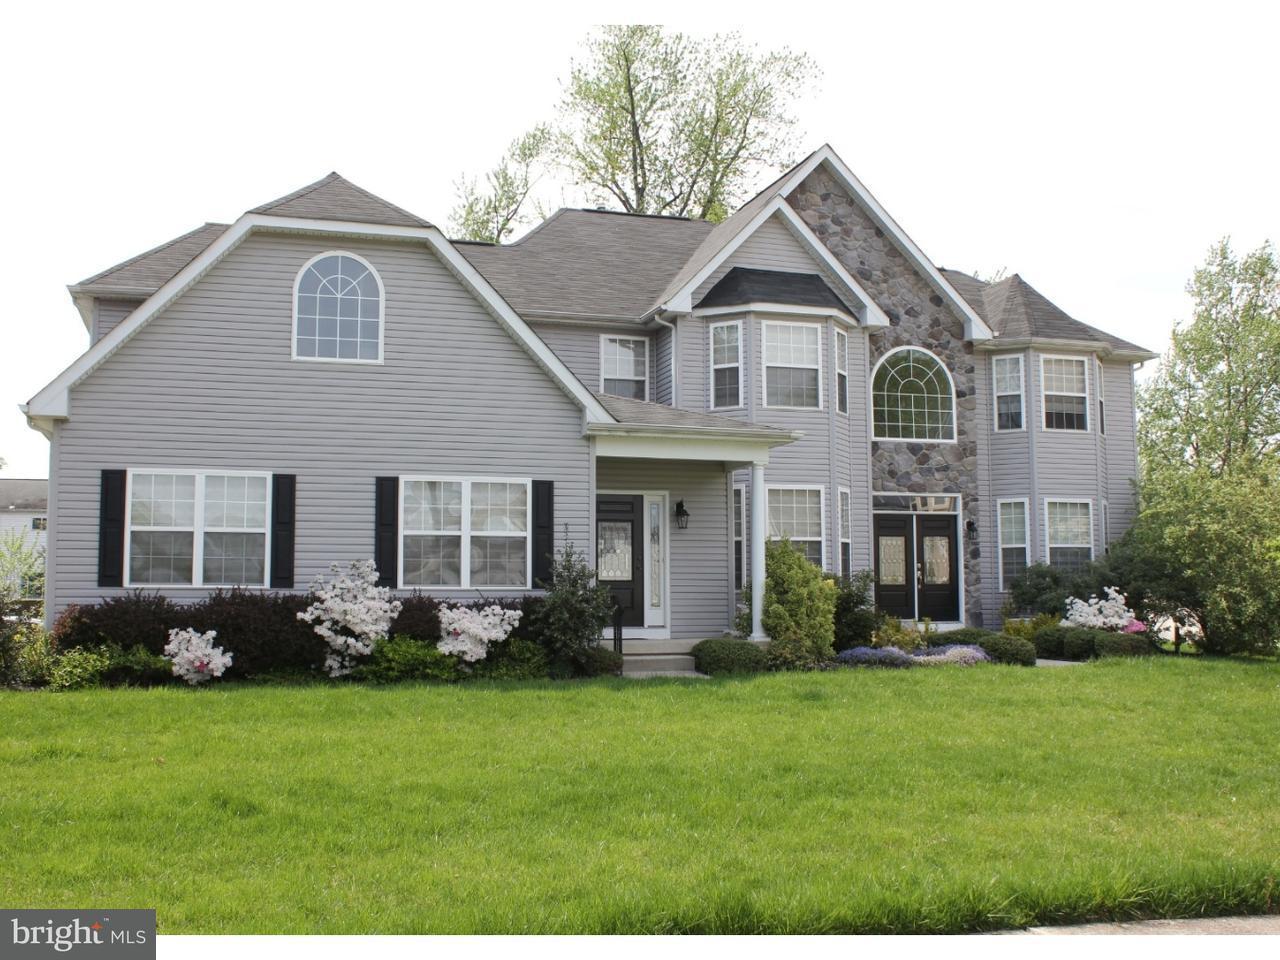 独户住宅 为 销售 在 12 ENCLAVE Court Evesham Twp, 新泽西州 08053 美国